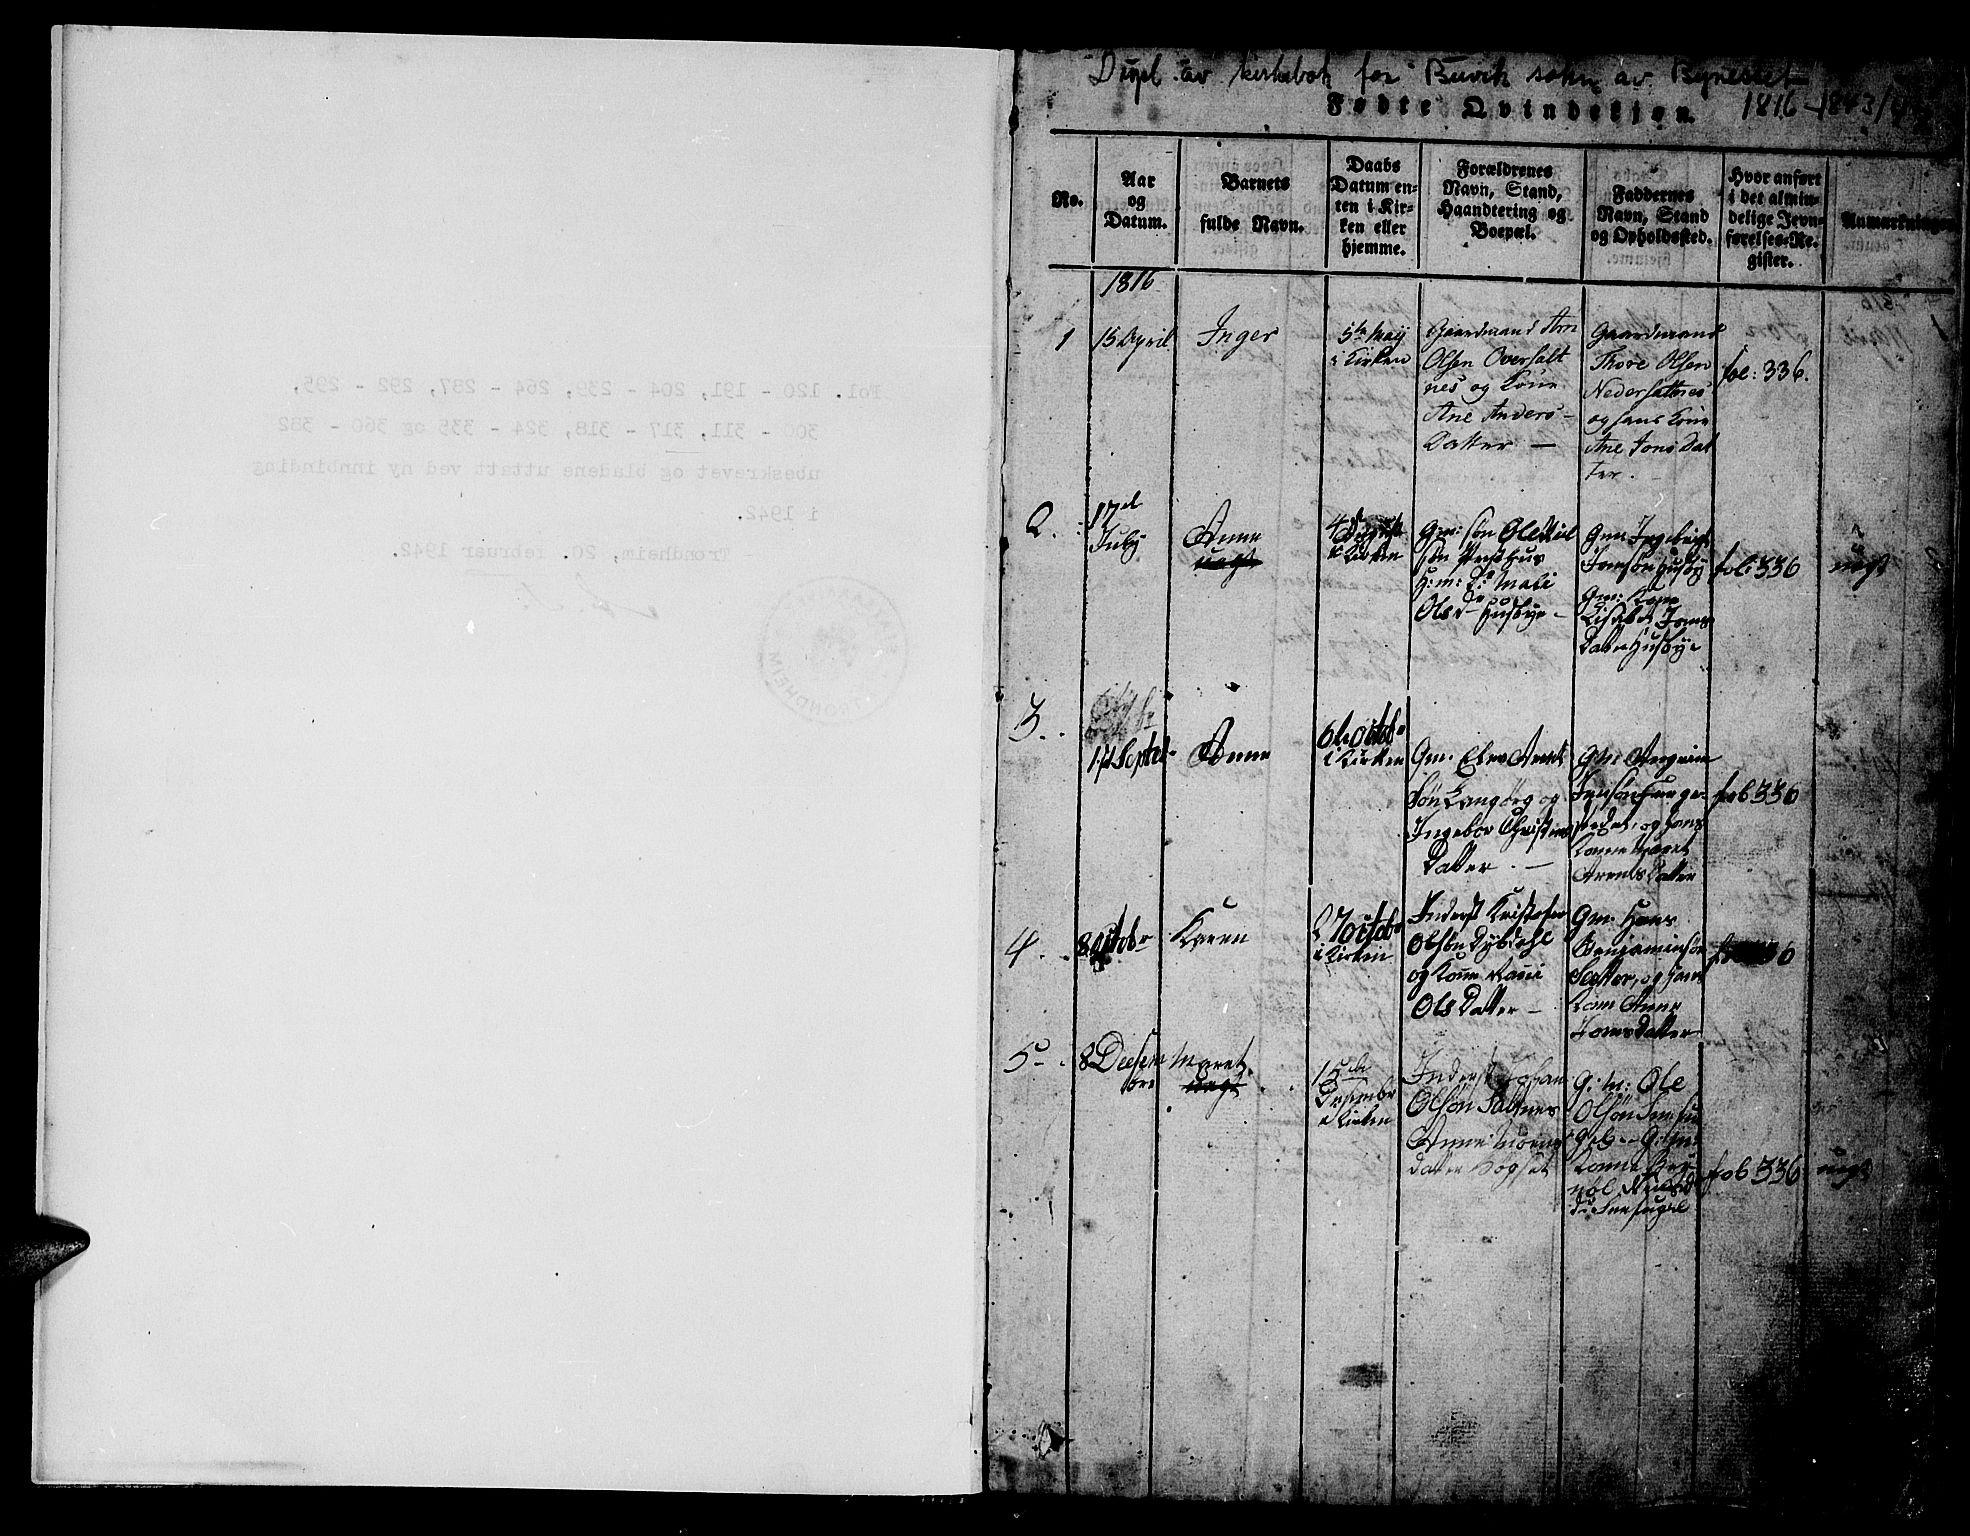 SAT, Ministerialprotokoller, klokkerbøker og fødselsregistre - Sør-Trøndelag, 666/L0788: Klokkerbok nr. 666C01, 1816-1847, s. 1